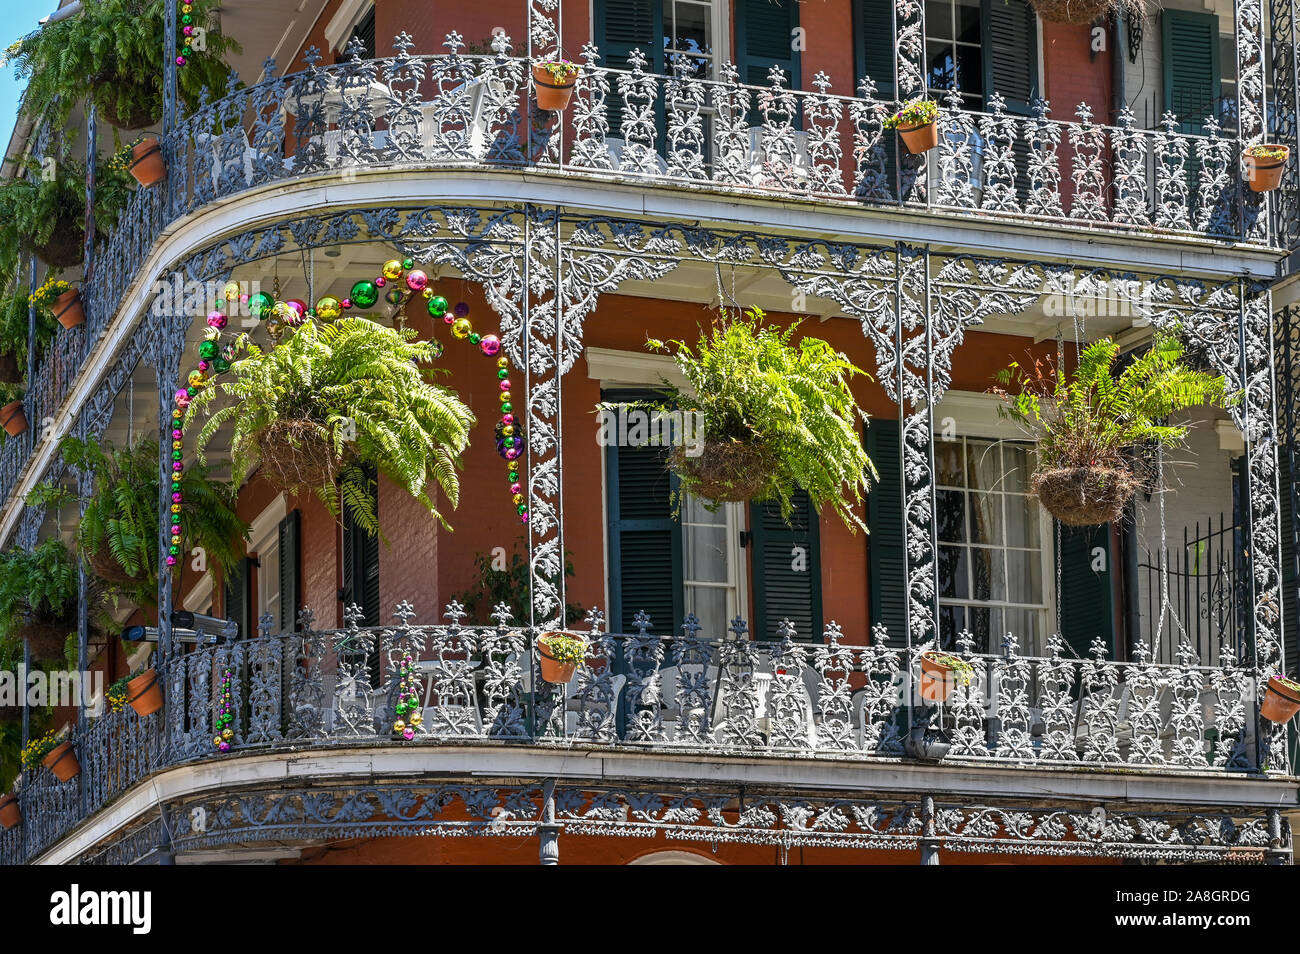 Il quartiere francese di New Orleans. Questo storico quartiere è una grande attrazione turistica famosa per la sua architettura iconica e vita notturna. Foto Stock